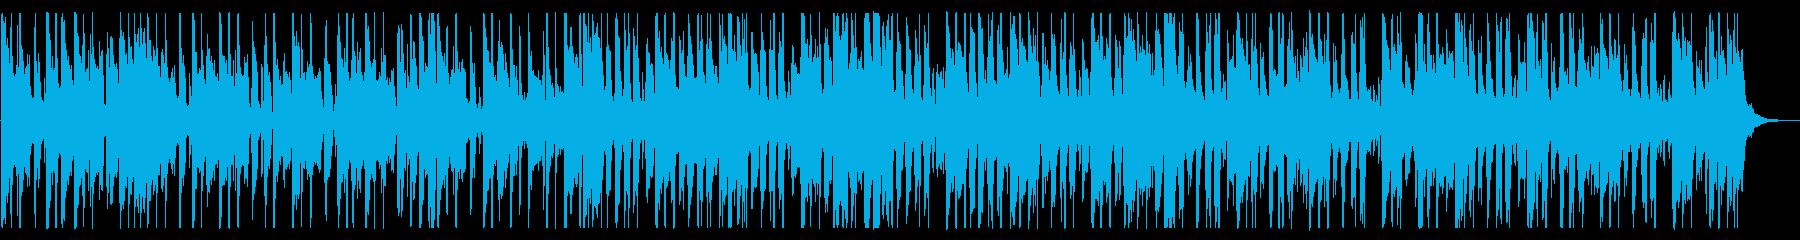 シティポップトラック_No623_5の再生済みの波形